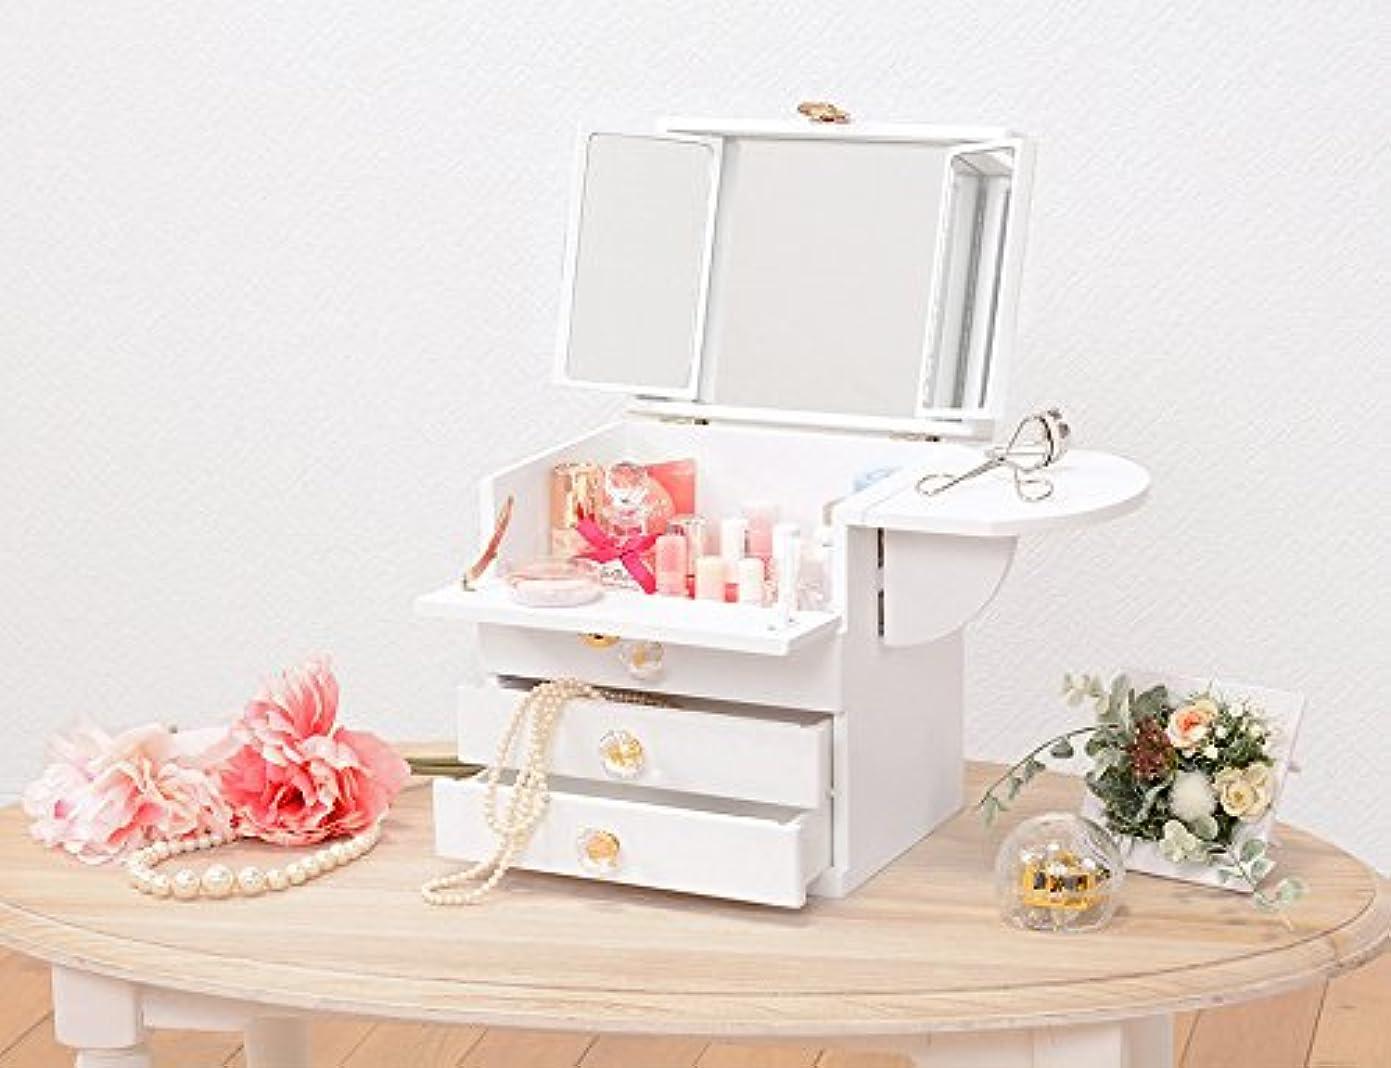 悪質な不機嫌そうなデータコスメボックス 化粧ボックス ジュエリーボックス コスメ収納 収納ボックス 化粧台 3面鏡 完成品 折りたたみ式 軽量 コンパクト ホワイト